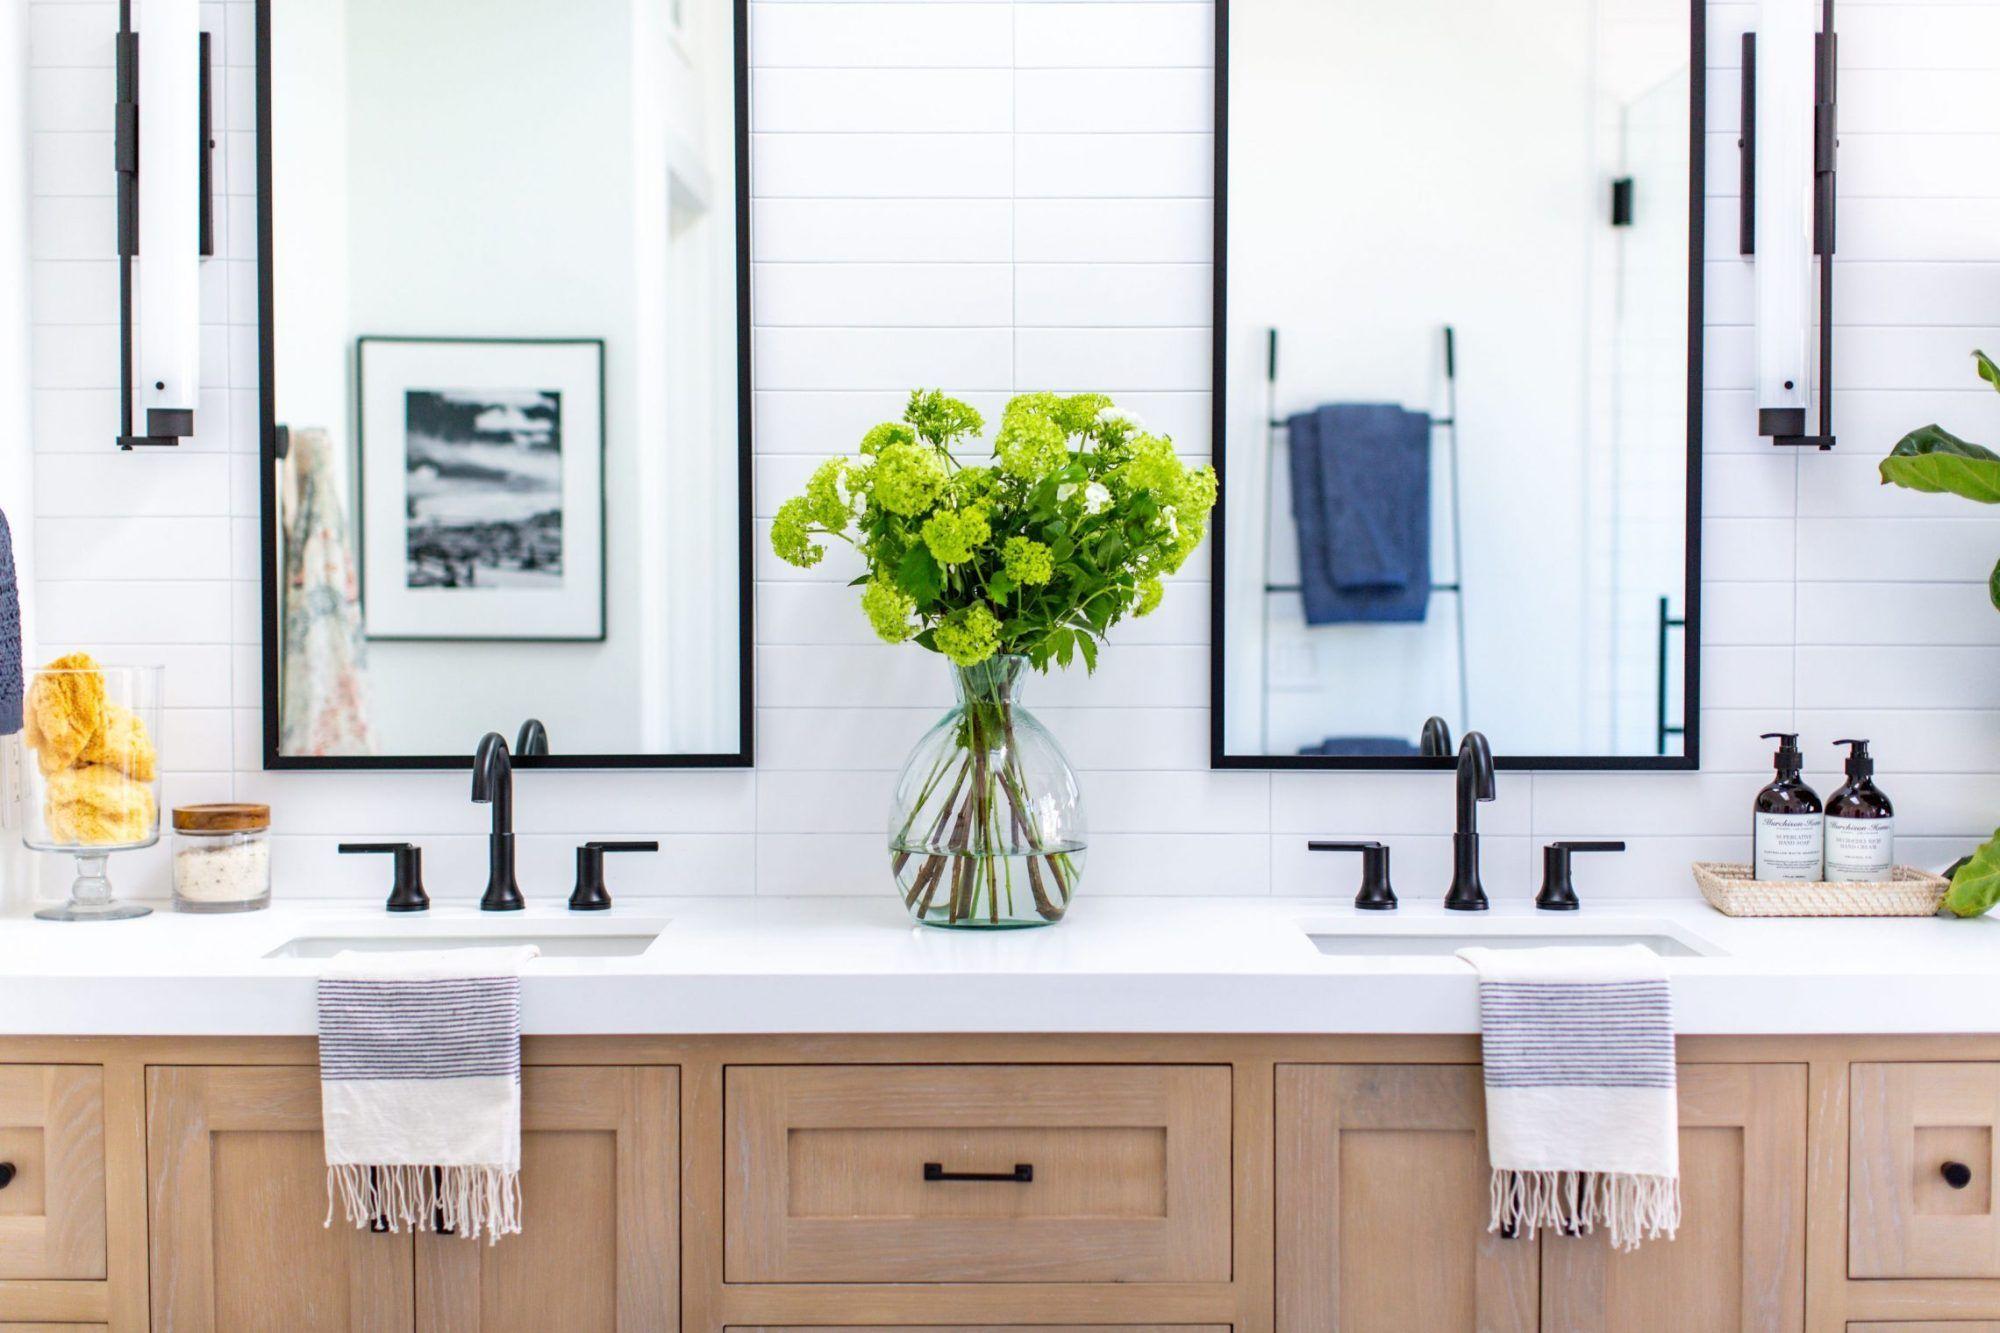 Bathrooms Remodel Bathroom Fixtures, Used Bathroom Fixtures